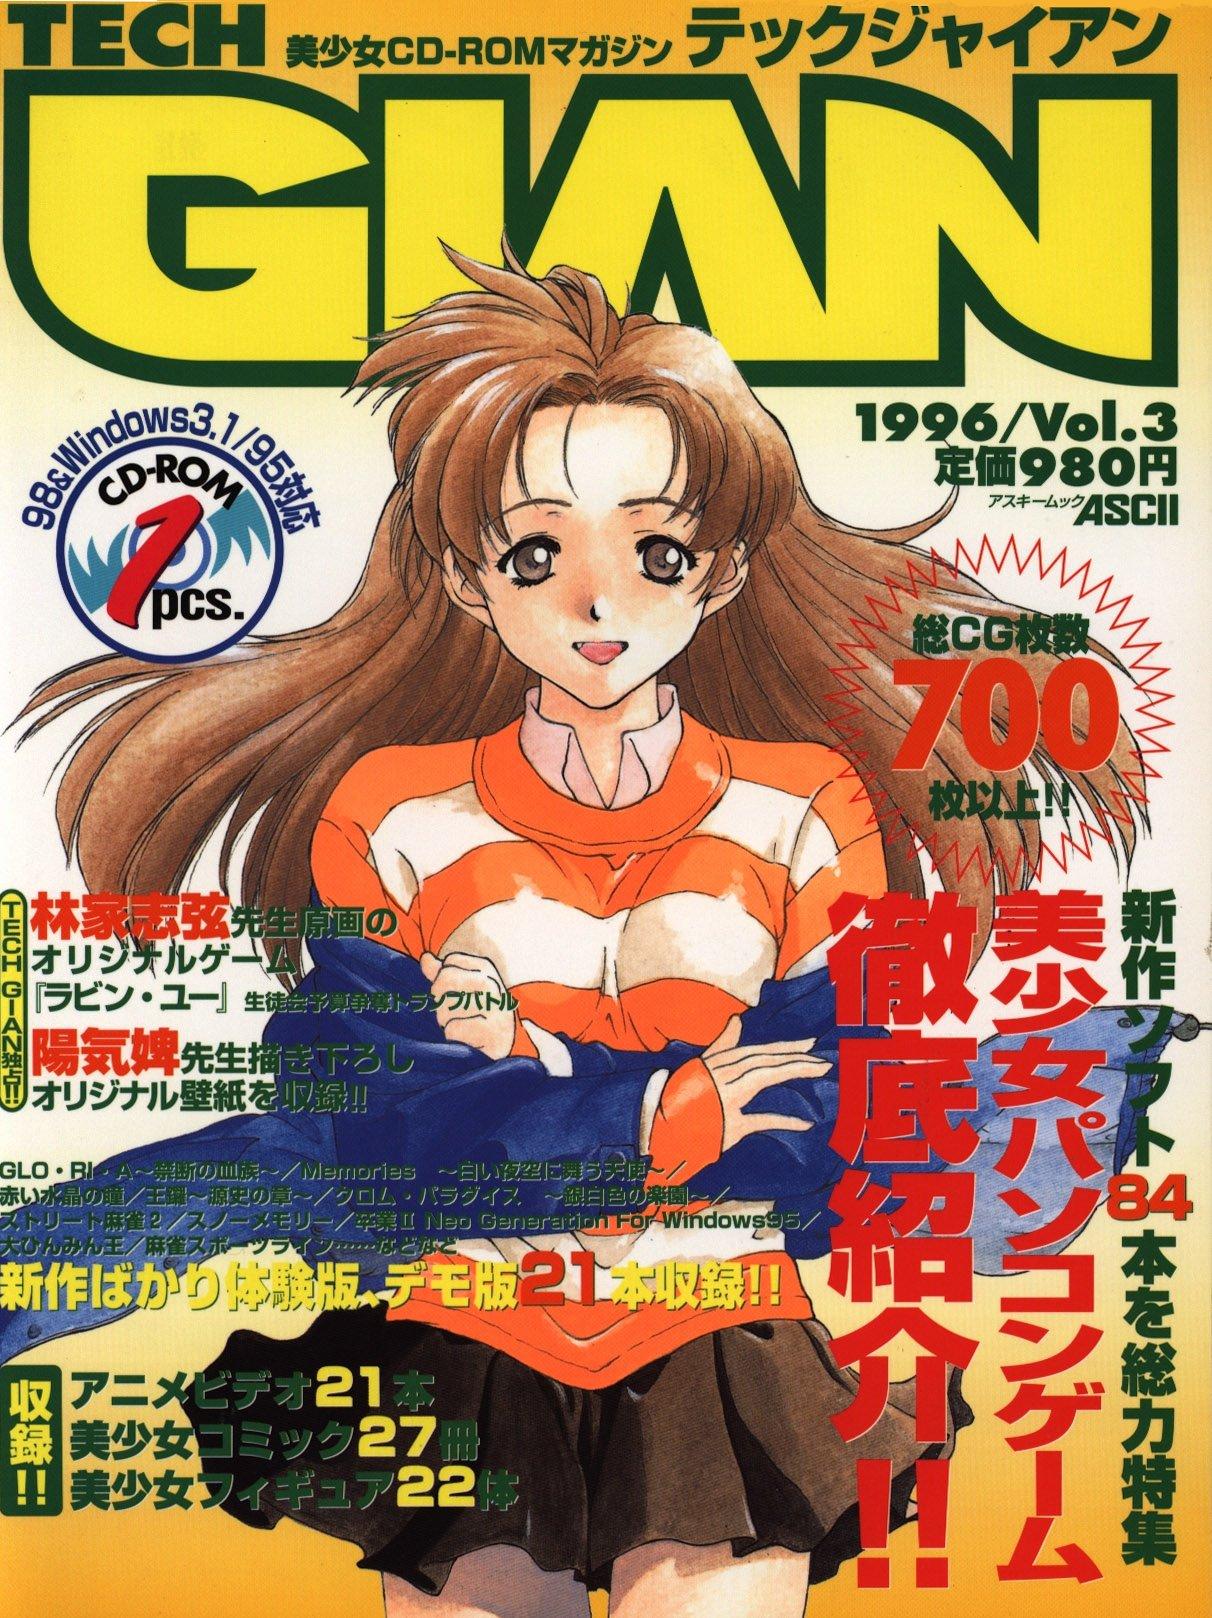 Tech Gian Vol.3 (1996)